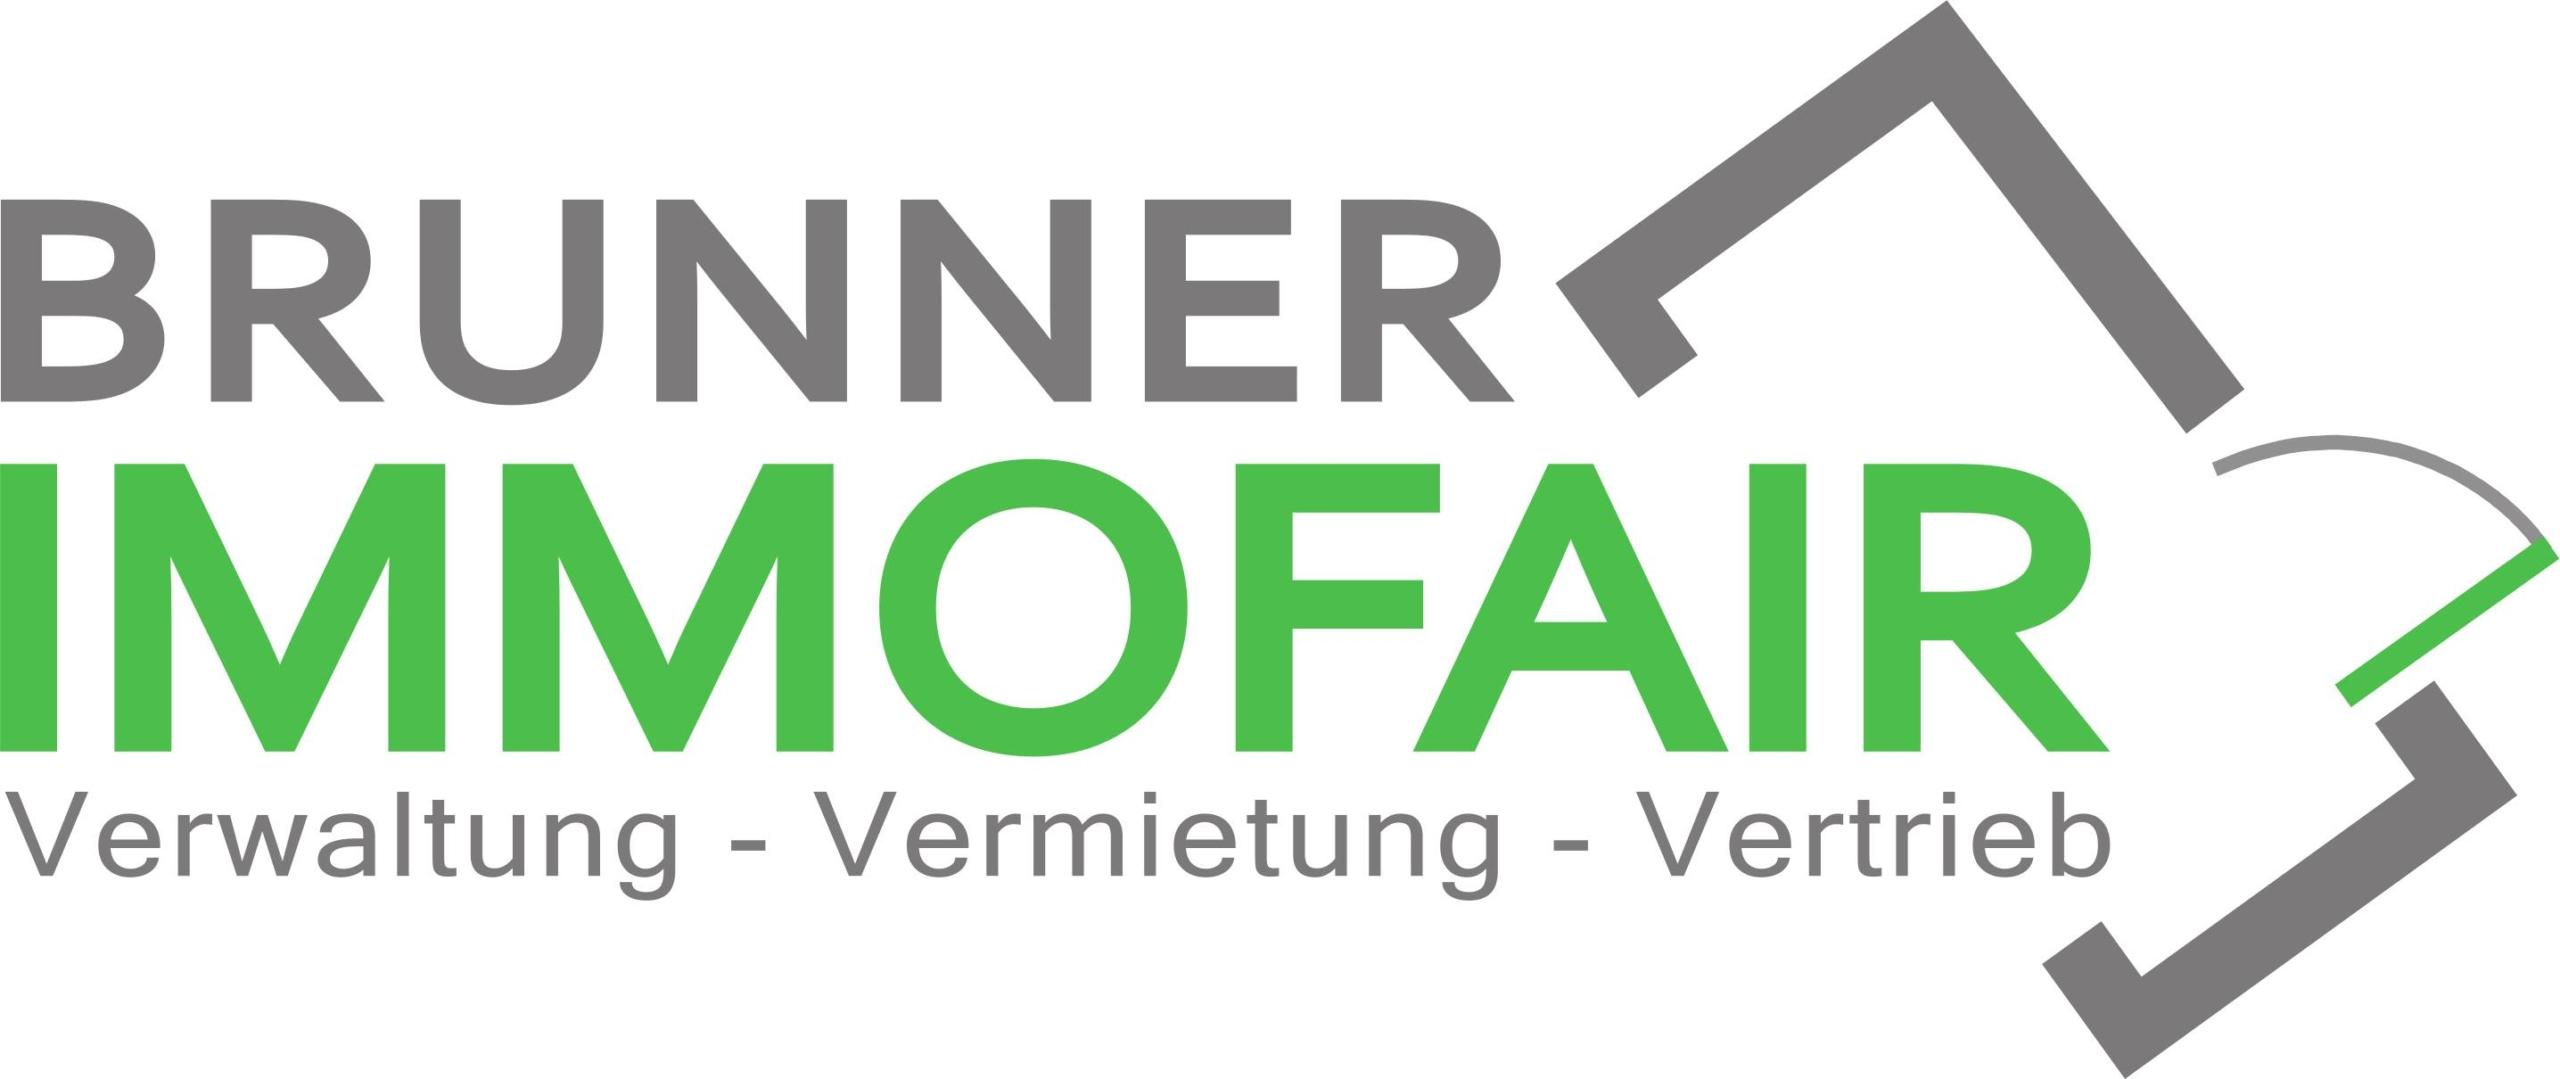 Brunner Immofair GmbH Logo